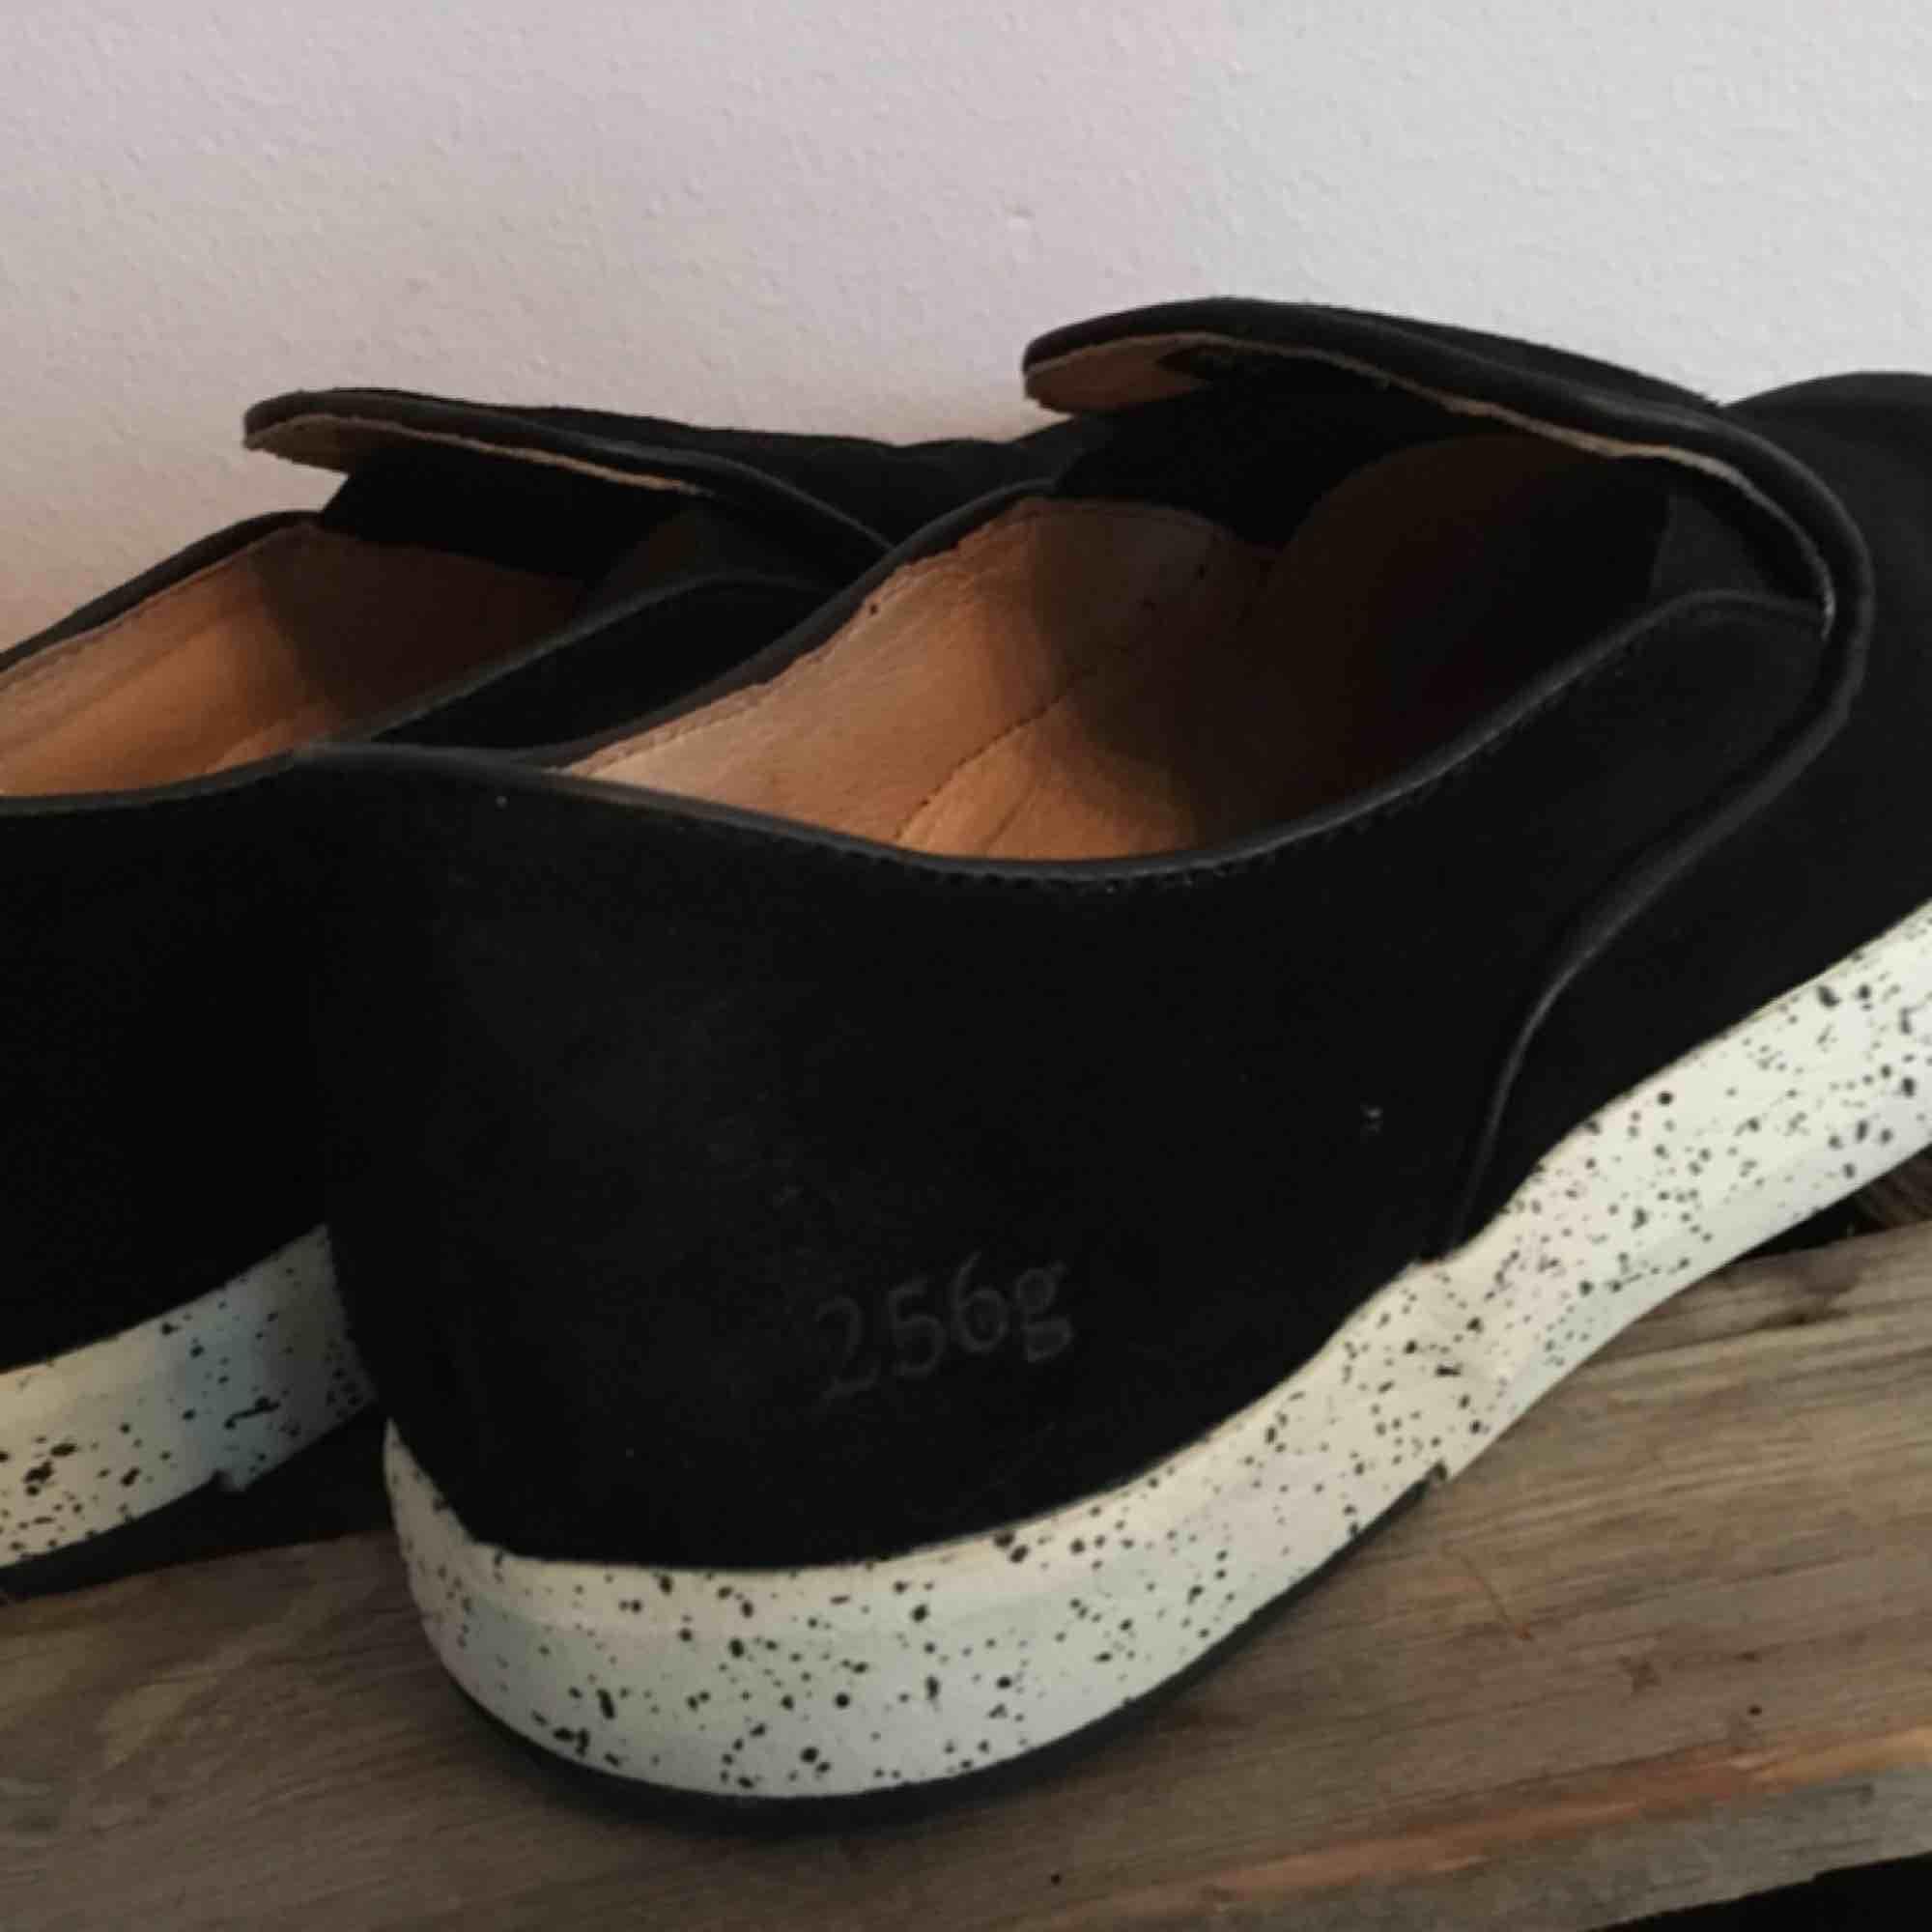 Helt nya skor från märket gram, endast provade. Tror att dessa är från en provkollektion, nypris ca 1300kr. Materialet är någon slags vaxad mocka, och är därmed vattentåliga. . Skor.